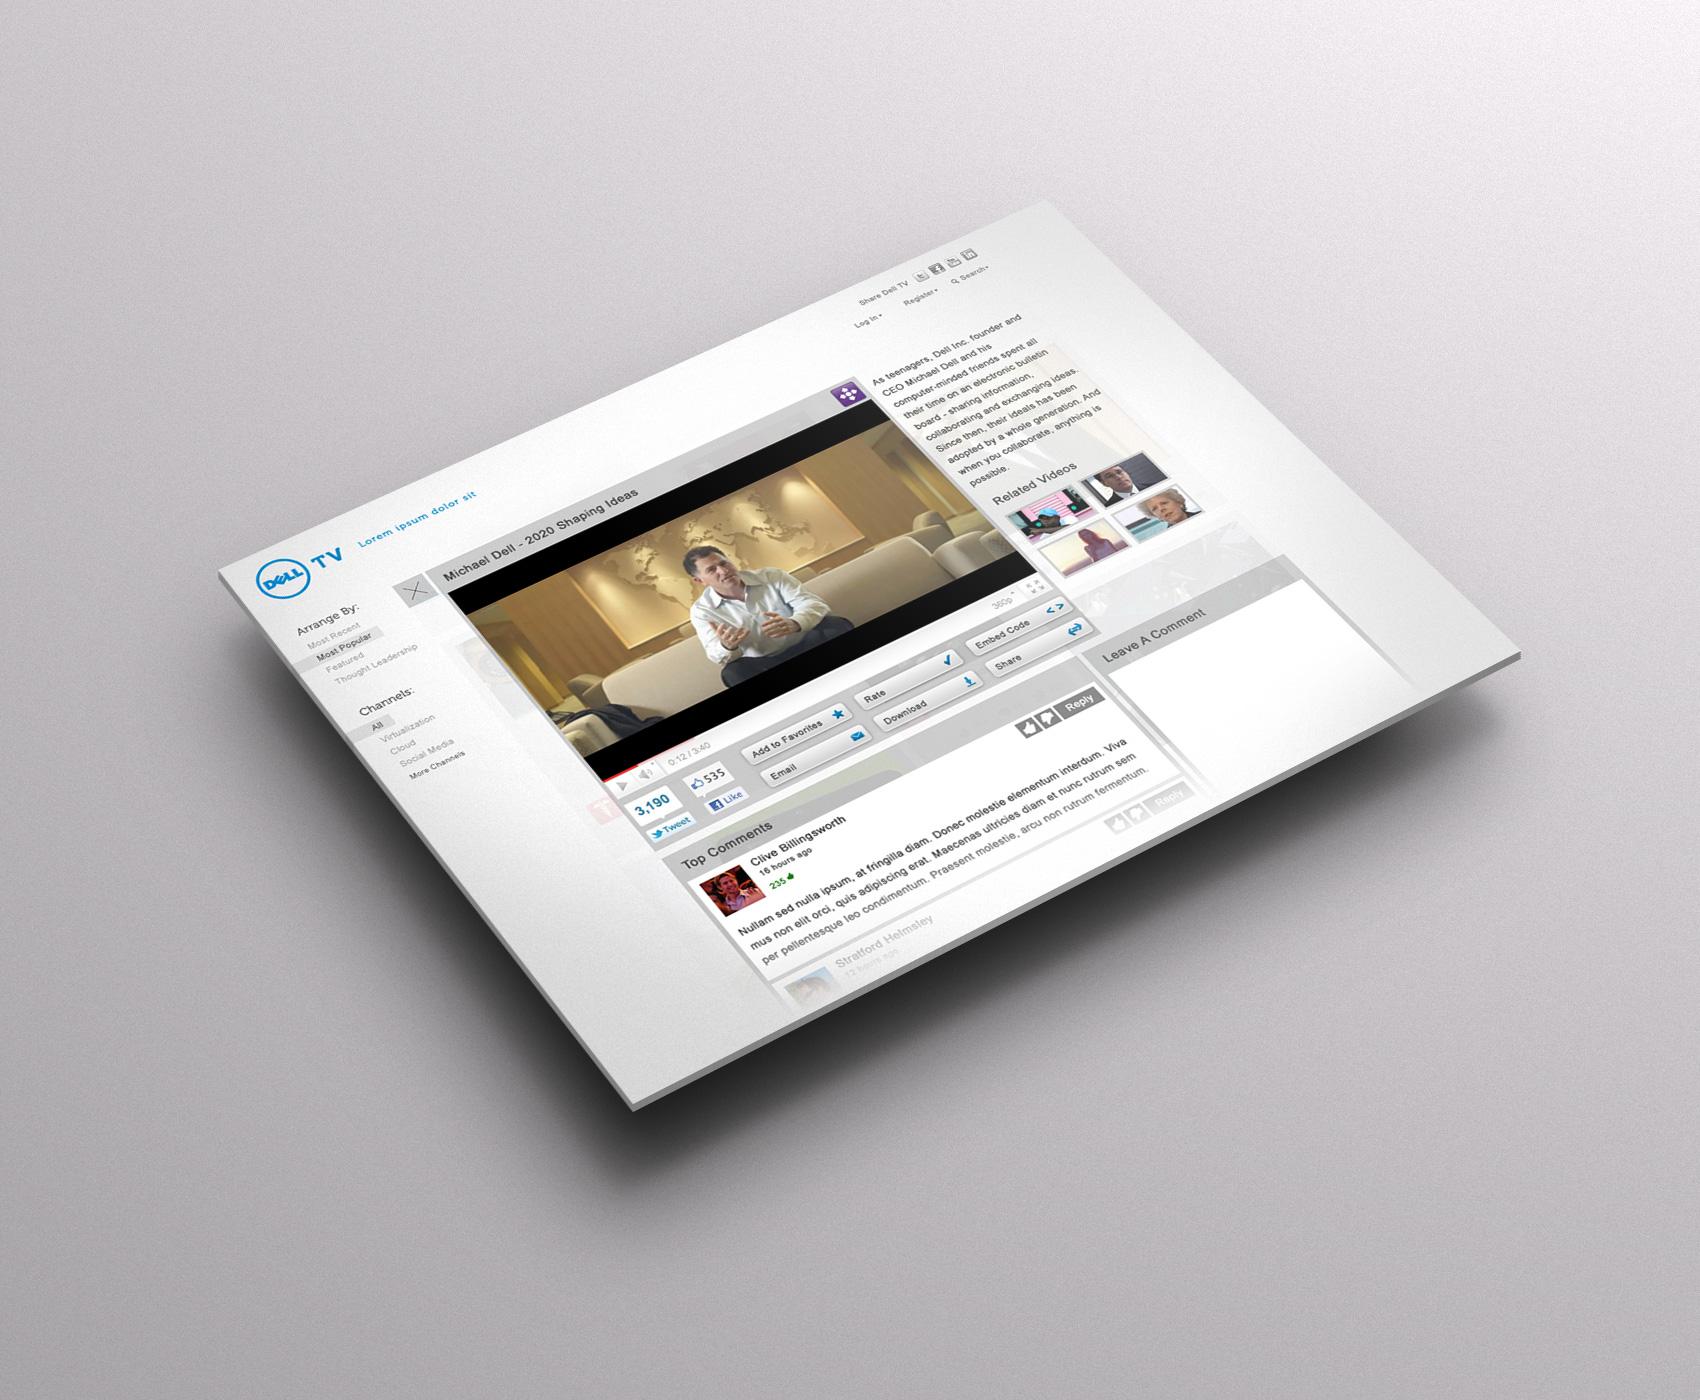 DellTV-4.jpg